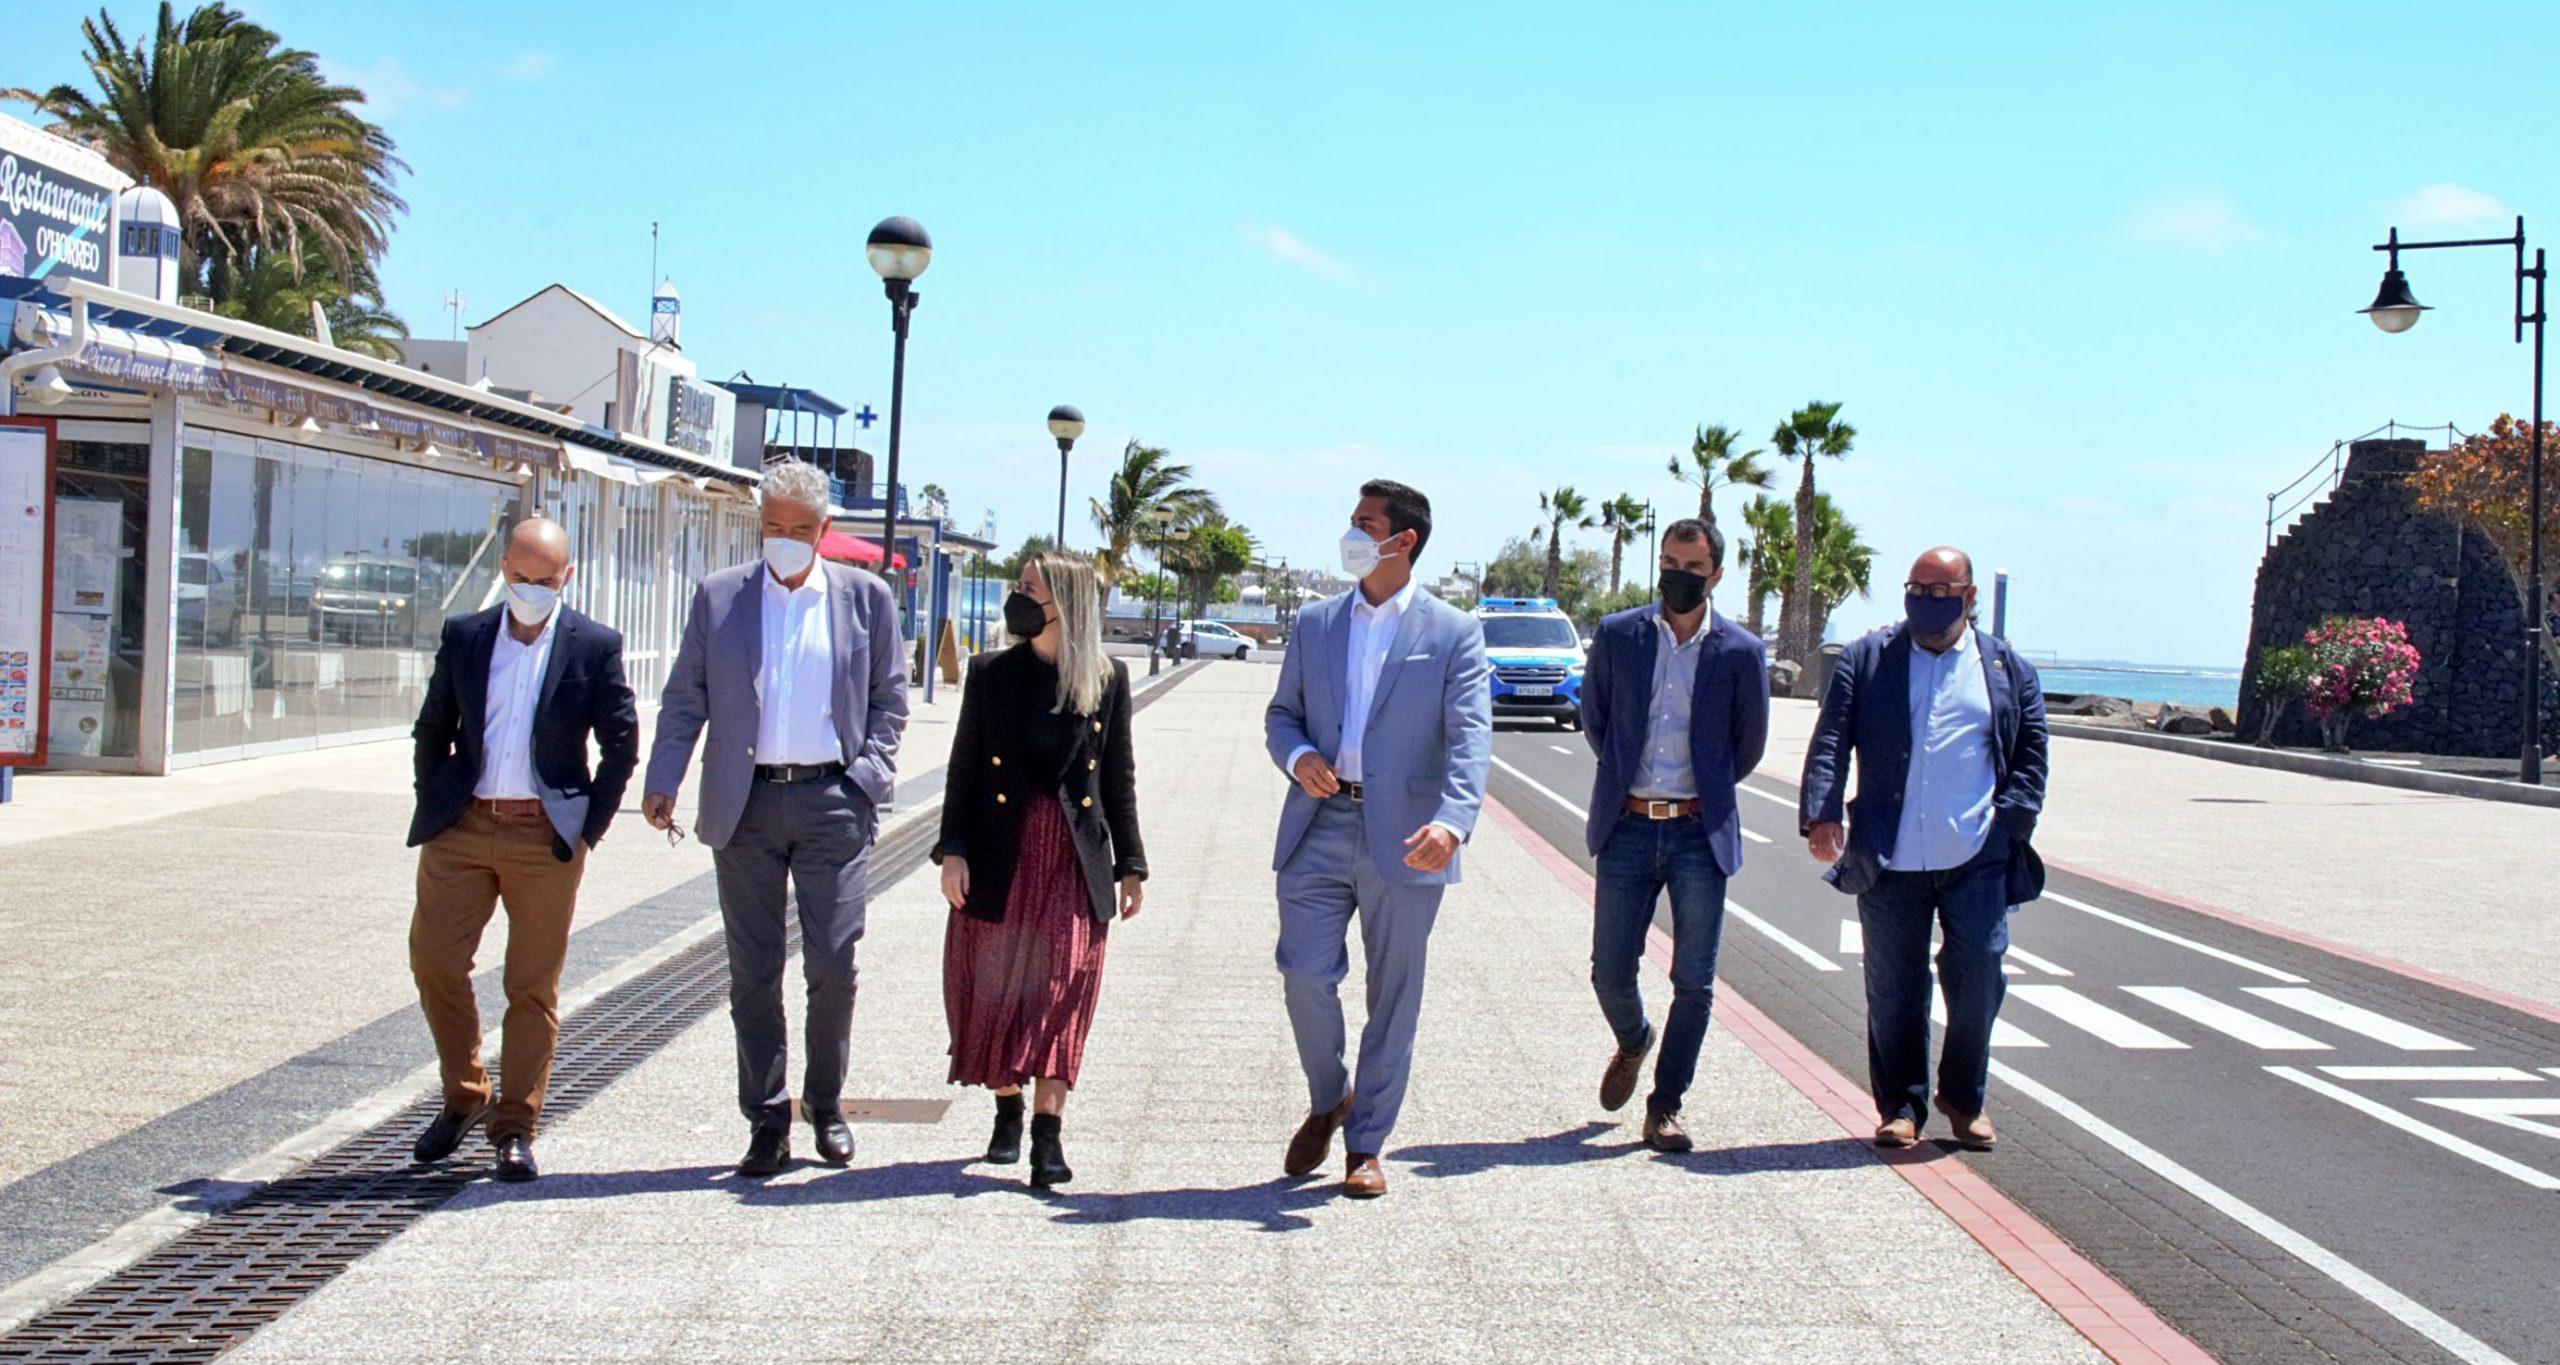 Turismo de Canarias invierte 3.266.893 de euros en renovar y complementar la oferta turística de Tías